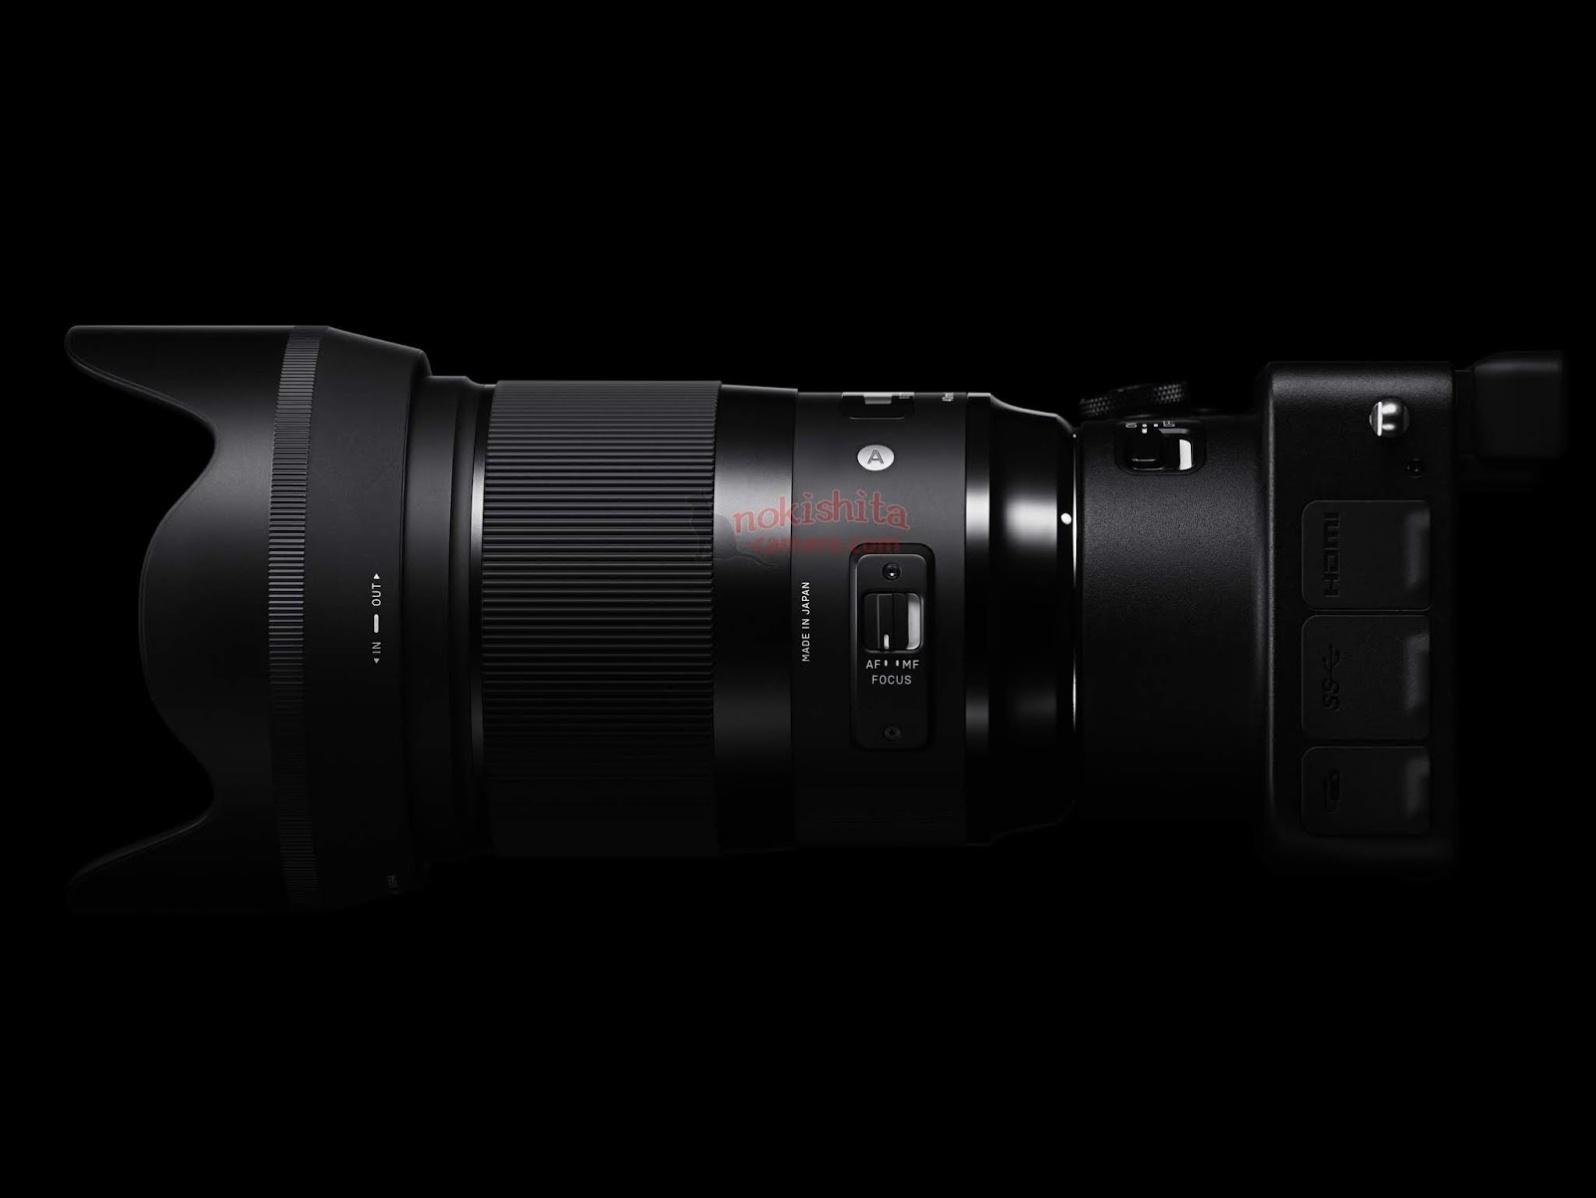 Sigma-40mm-f1.4-art-3